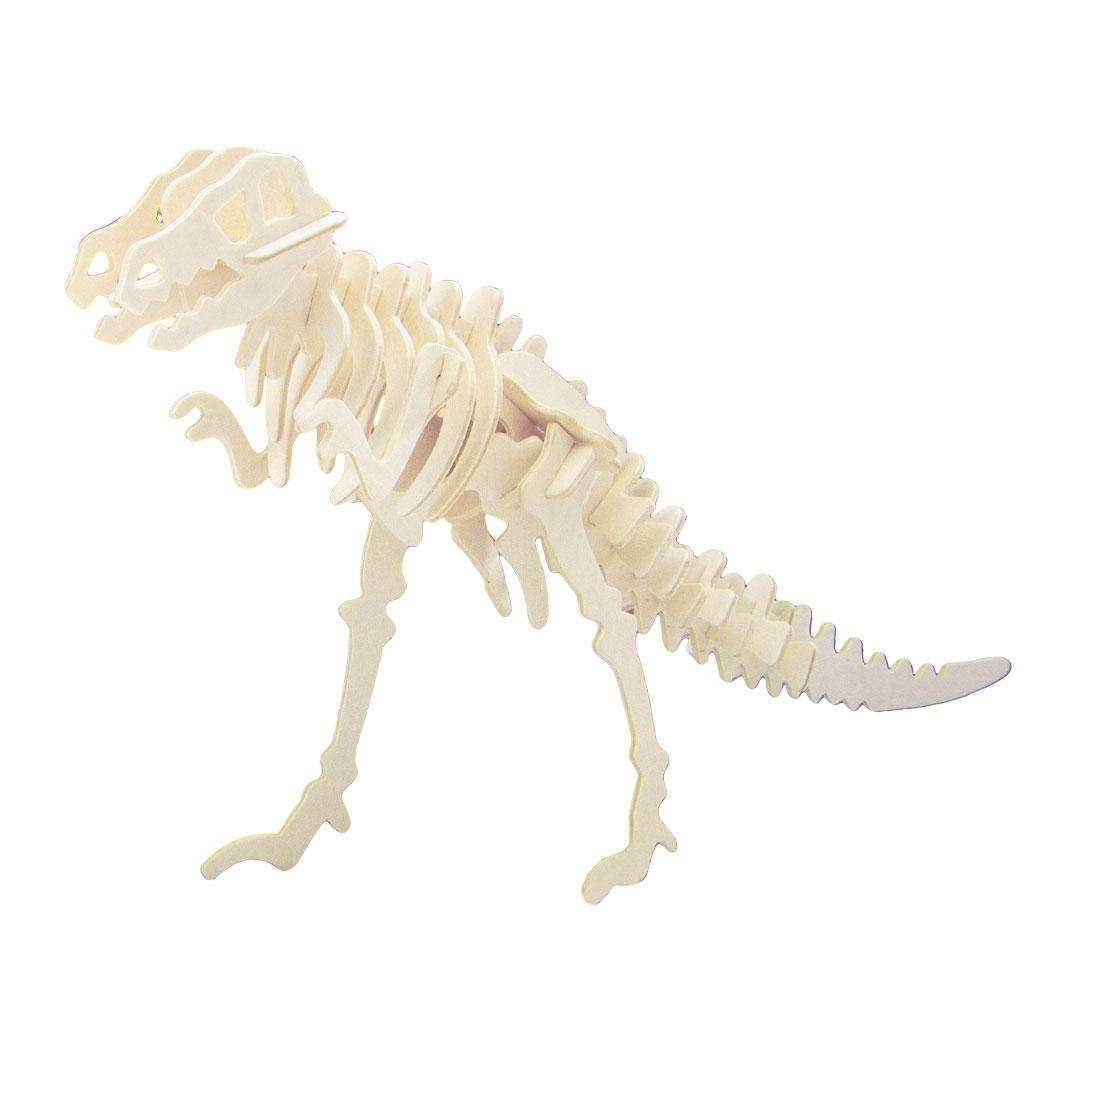 Children Brain DIY Wooden Puzzle Toy Tyrannosaurus Rex Woodcraft Kit